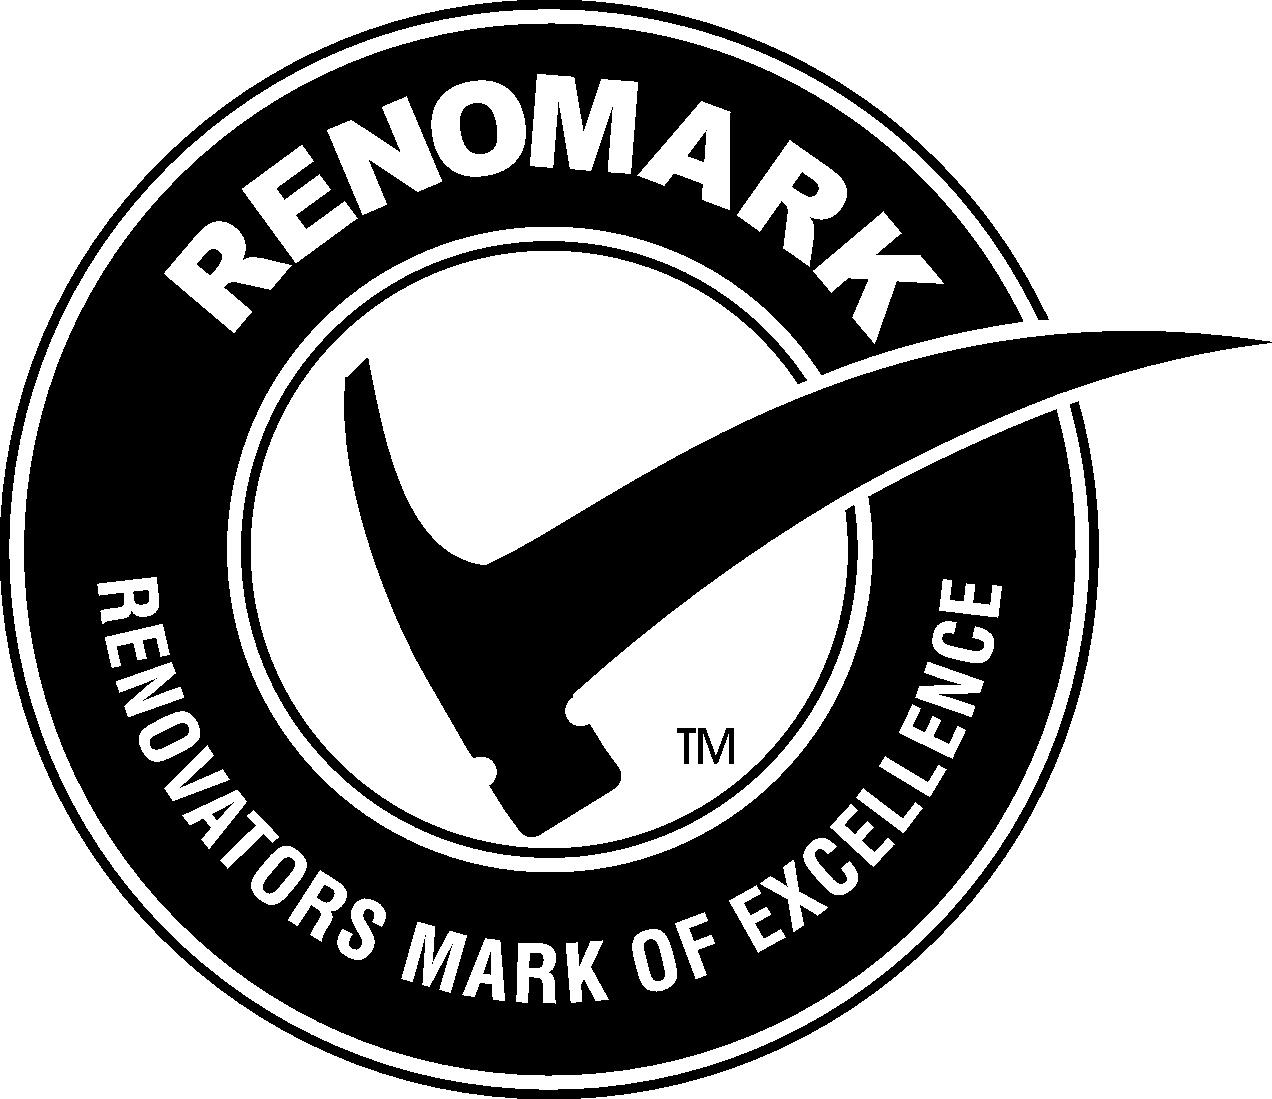 renomark-logo.png